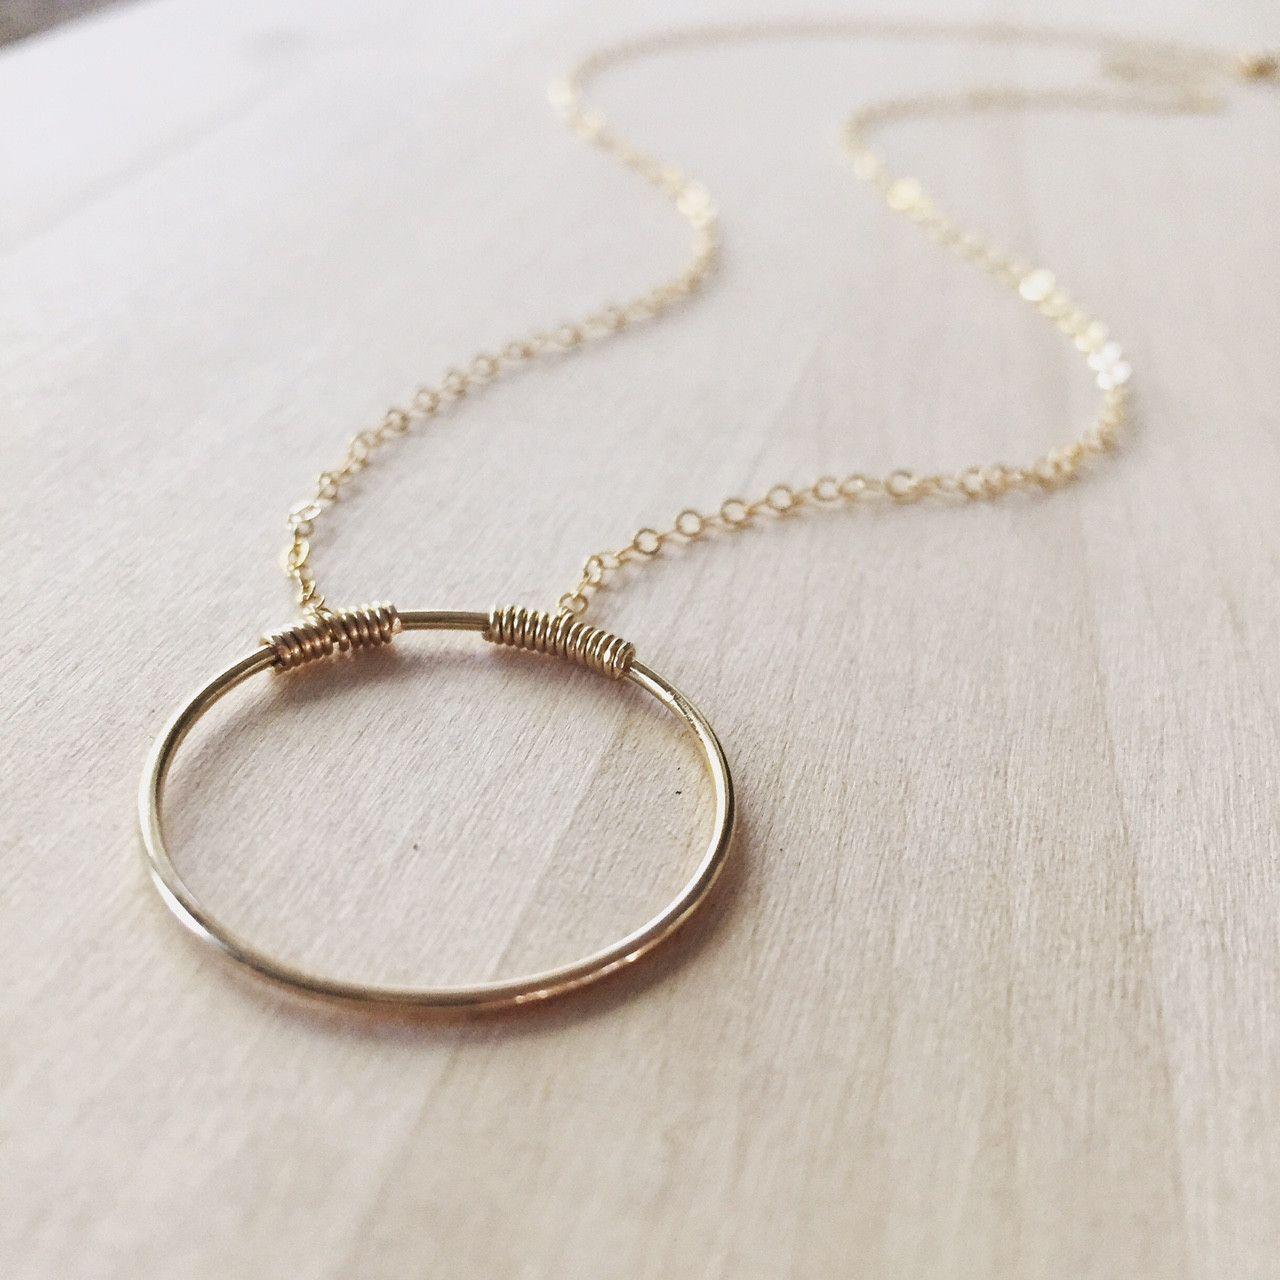 6fccbfd004be6e XL Eternity Necklace | style vibes | Jewelry, Bracelets, Fashion